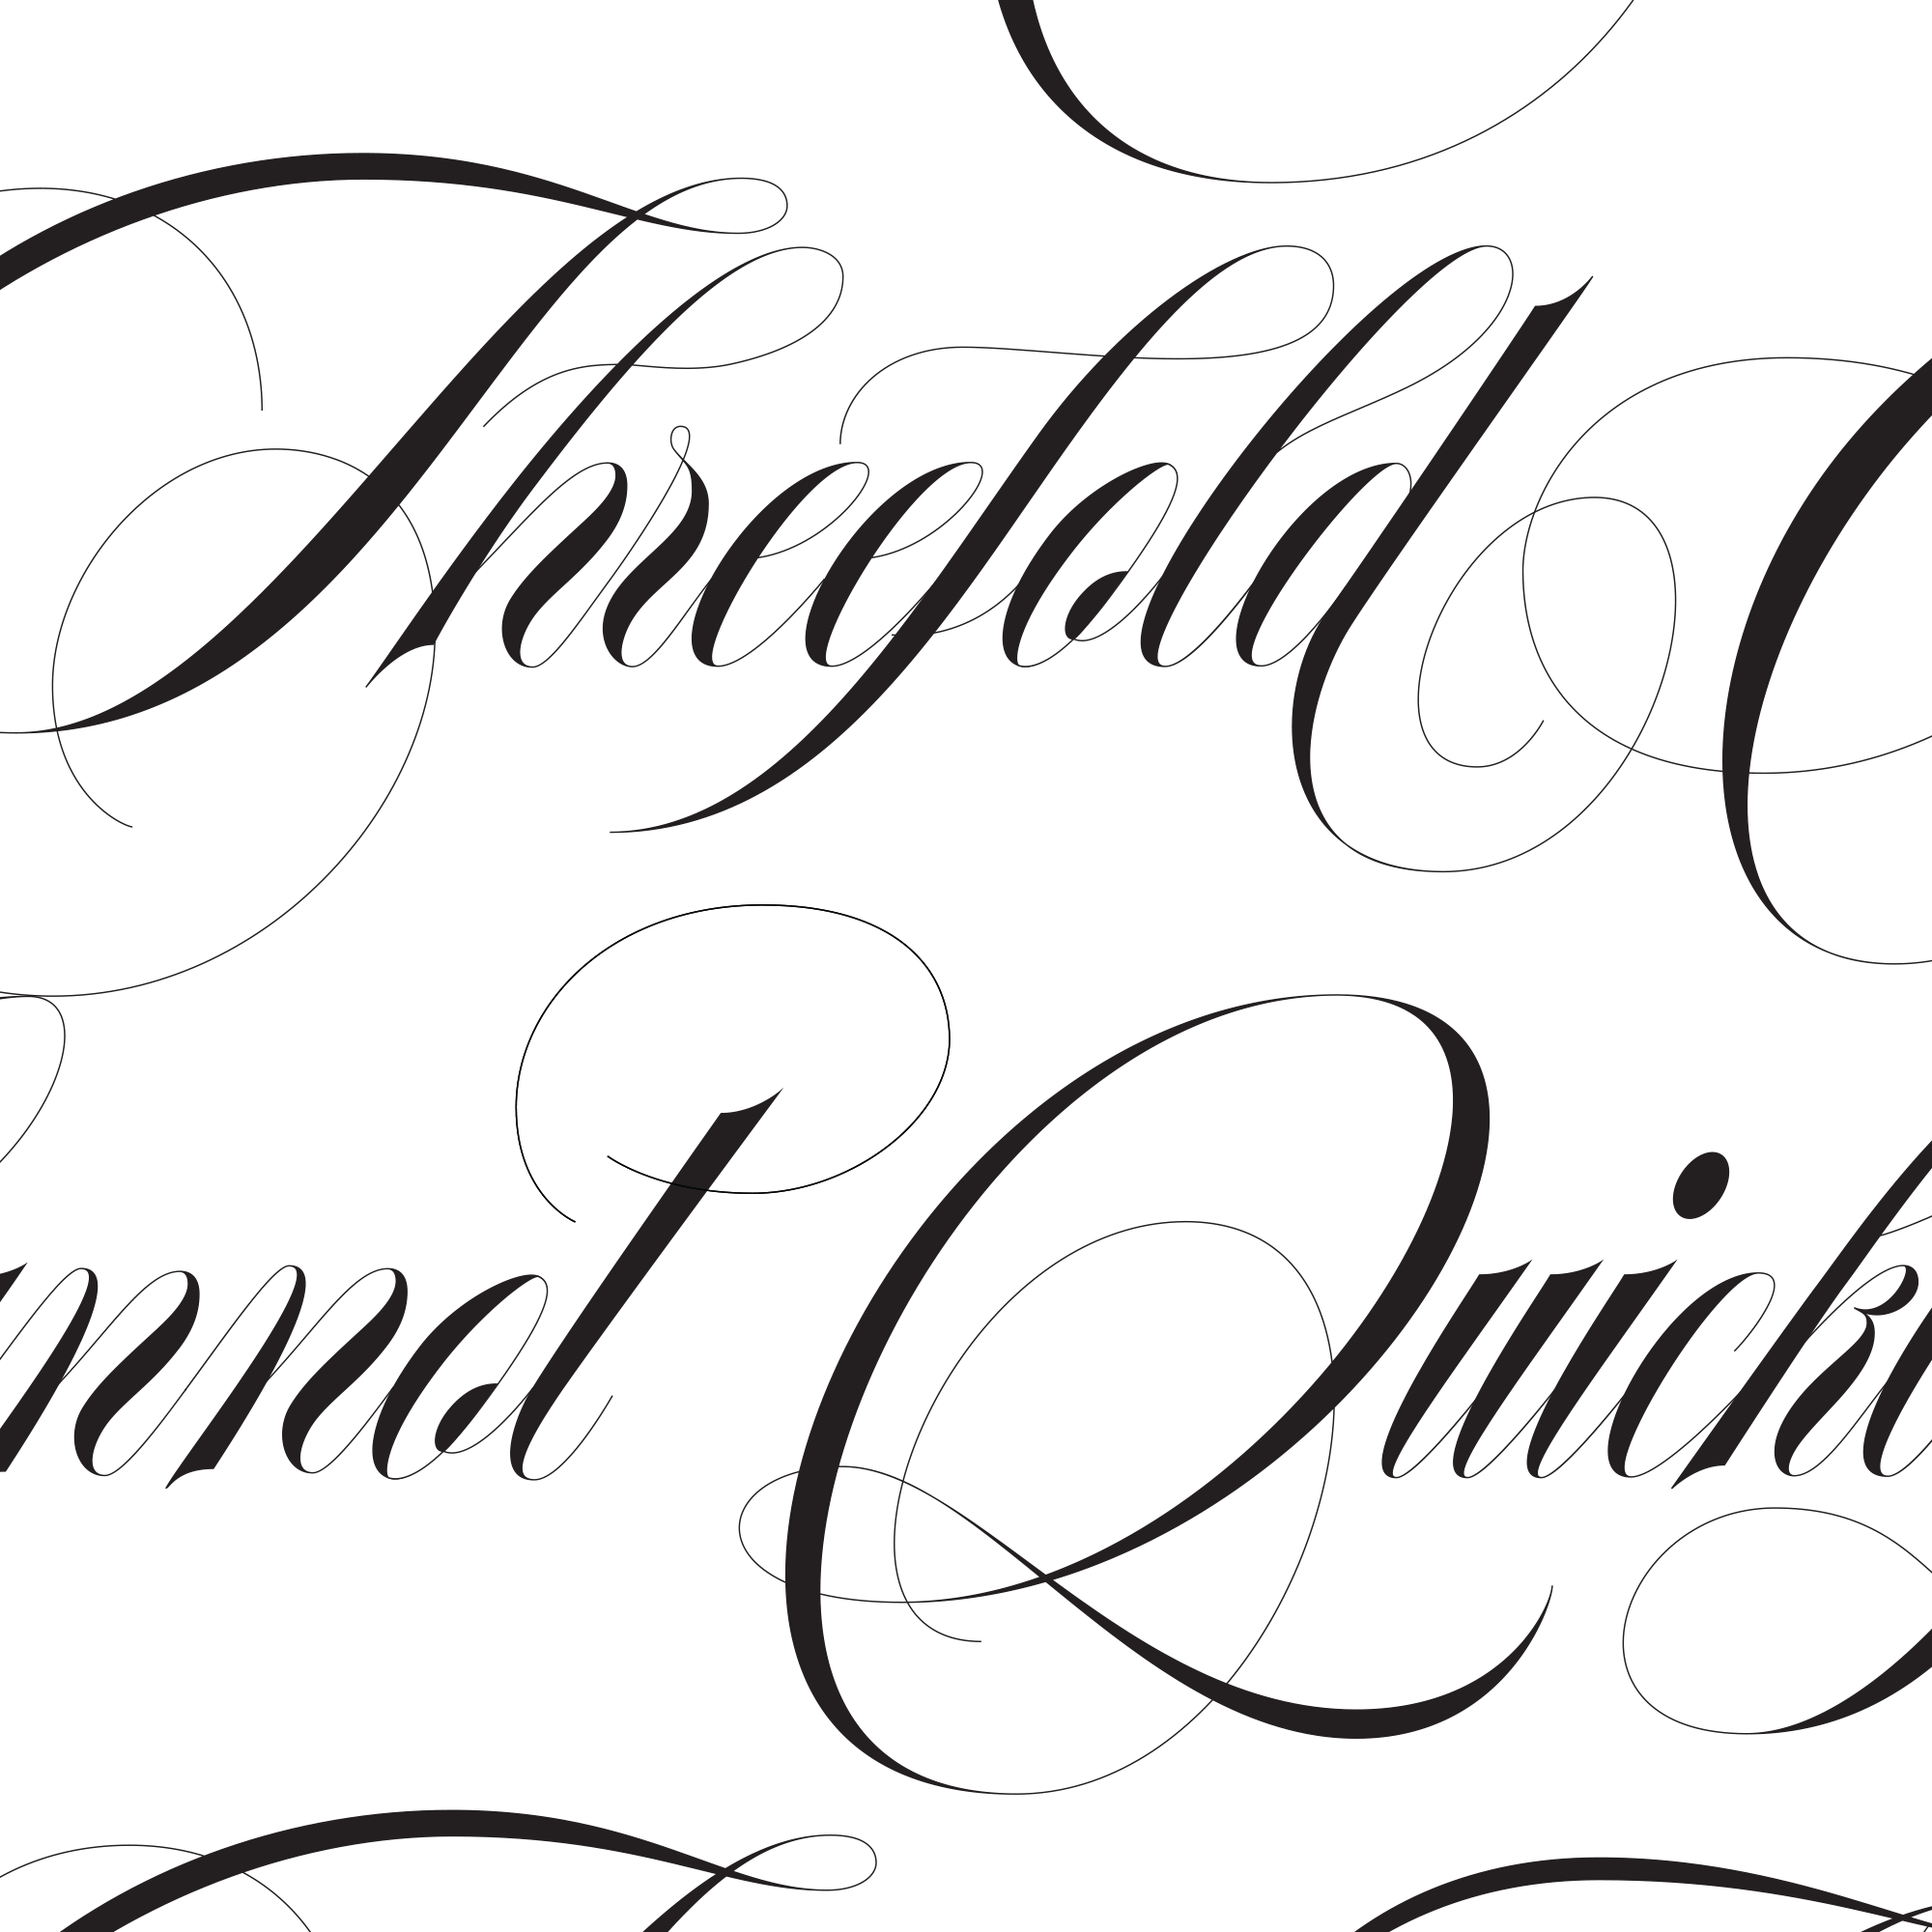 Threefold Lettering